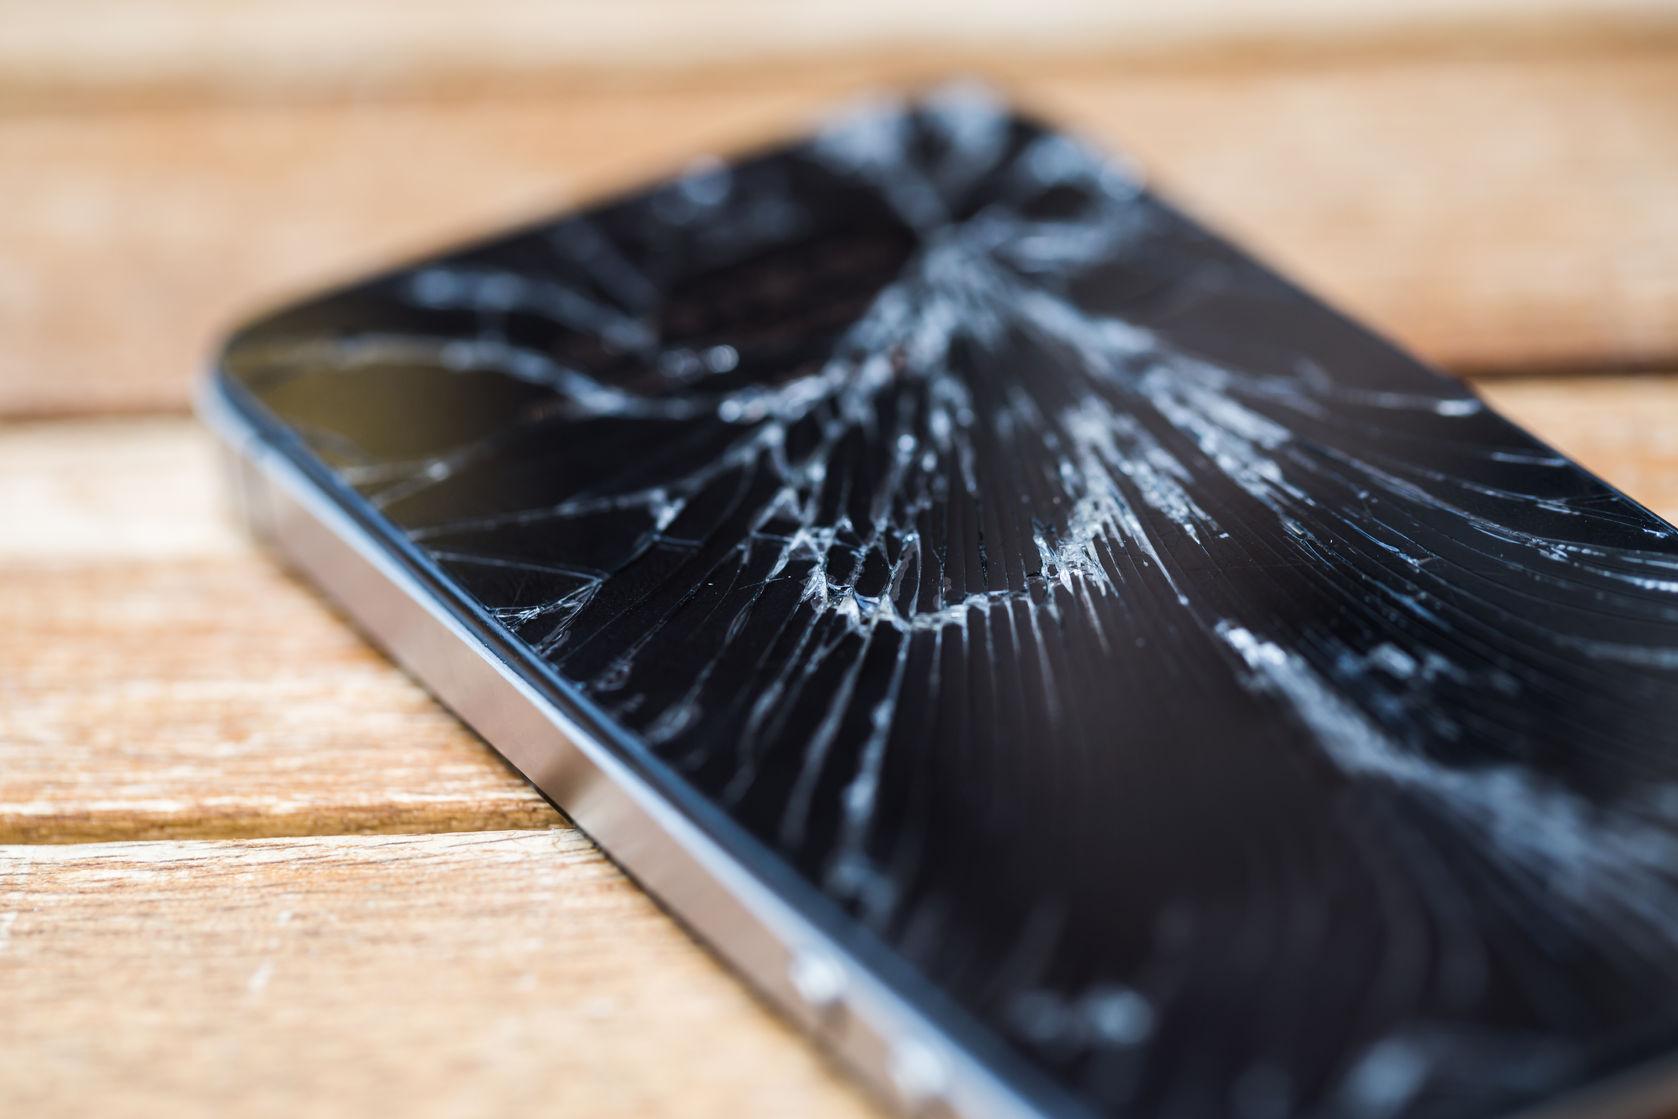 شاشات هواتف المستقبل قد تستطيع معالجة نفسها بنفسها